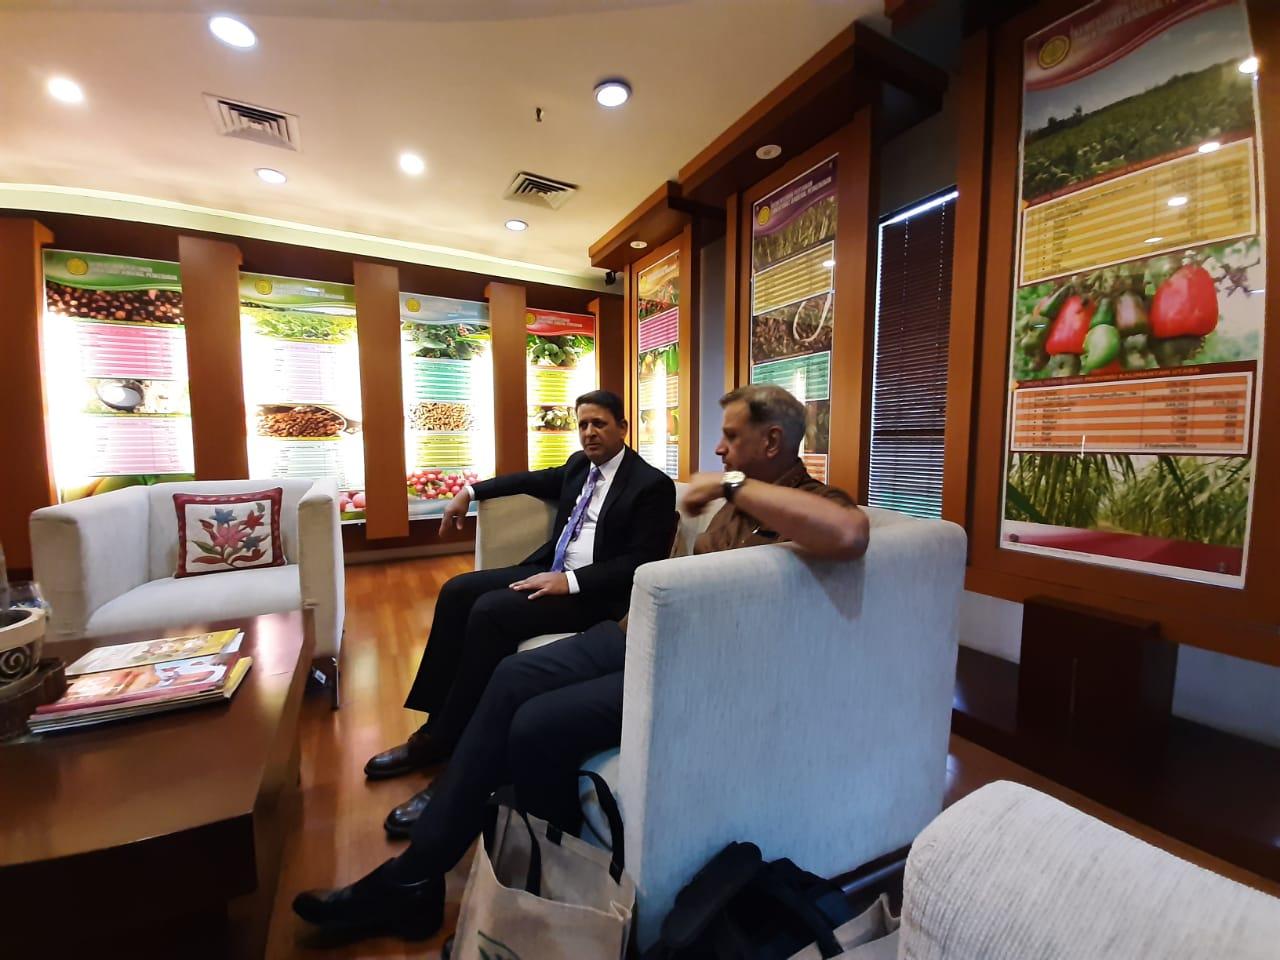 চেয়ারম্যান মহোদয় কর্তৃক ইন্দোনেশিয়া চা বোর্ড Exposure Visit